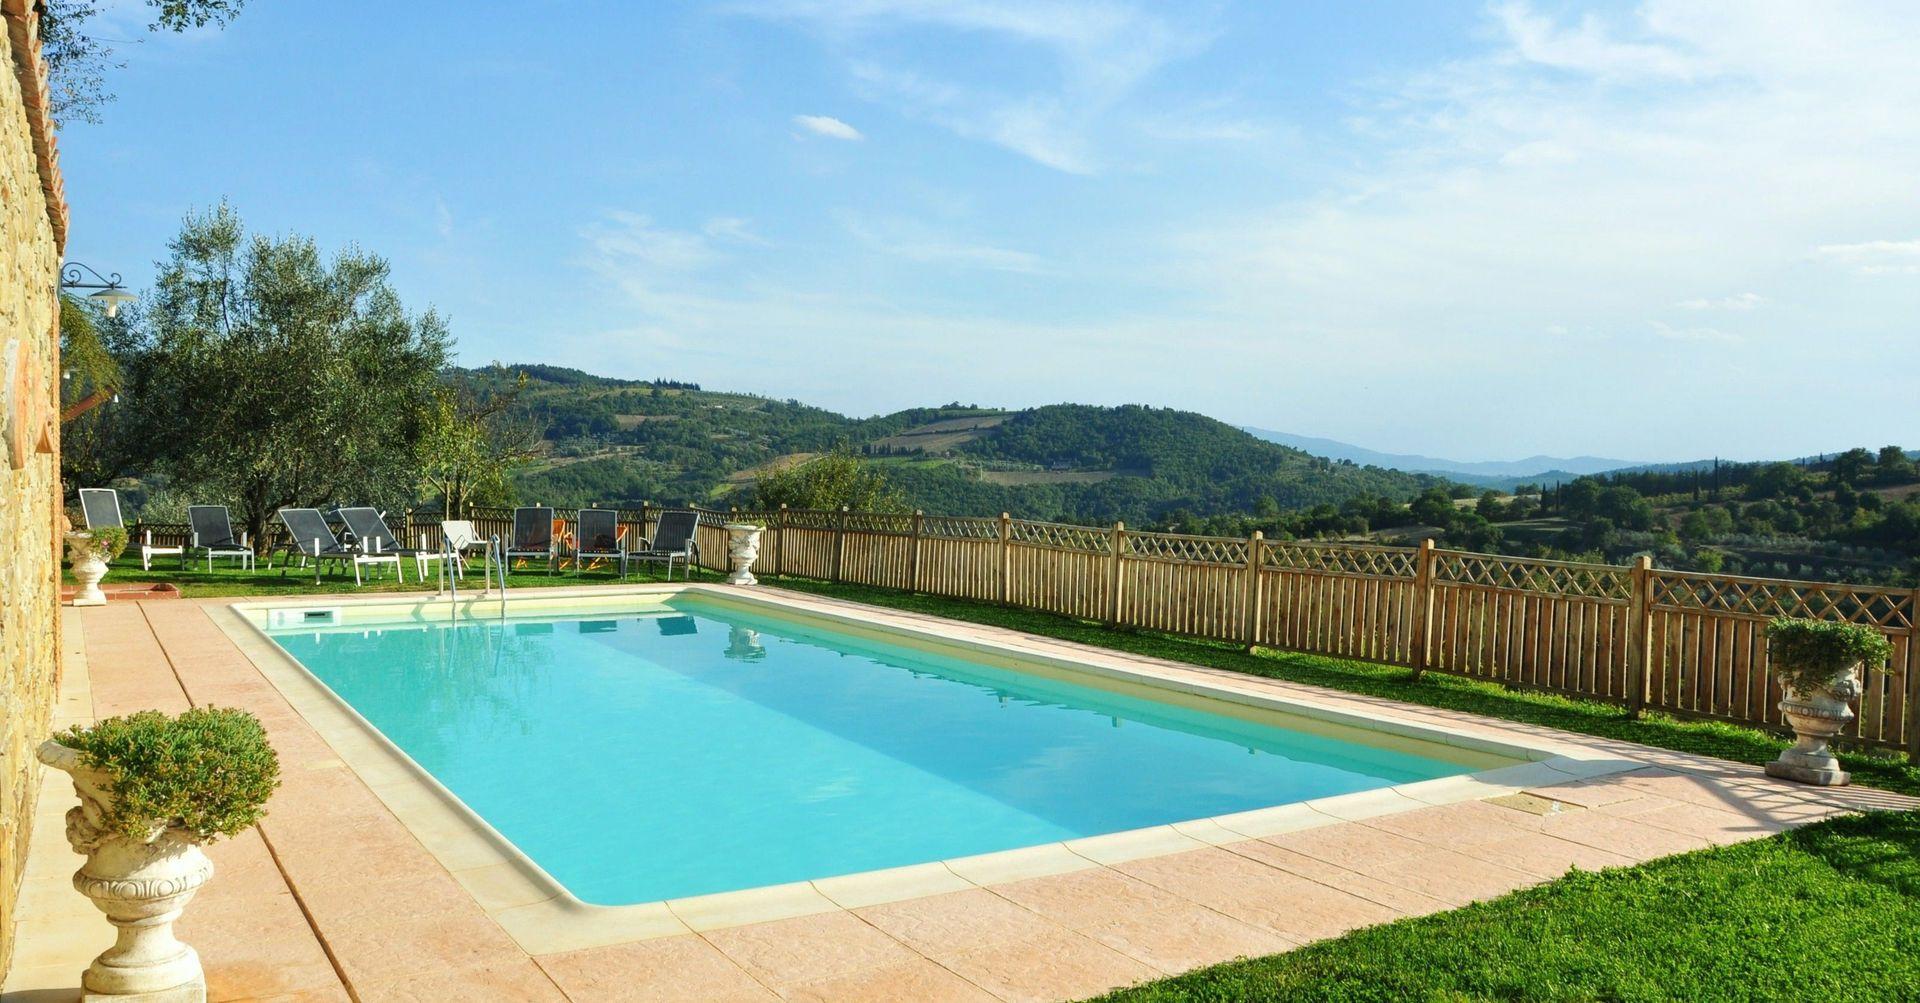 Vigna San Giuseppe Location De Vacances - Couchages 13 Dans ... encequiconcerne Piscine Gdo